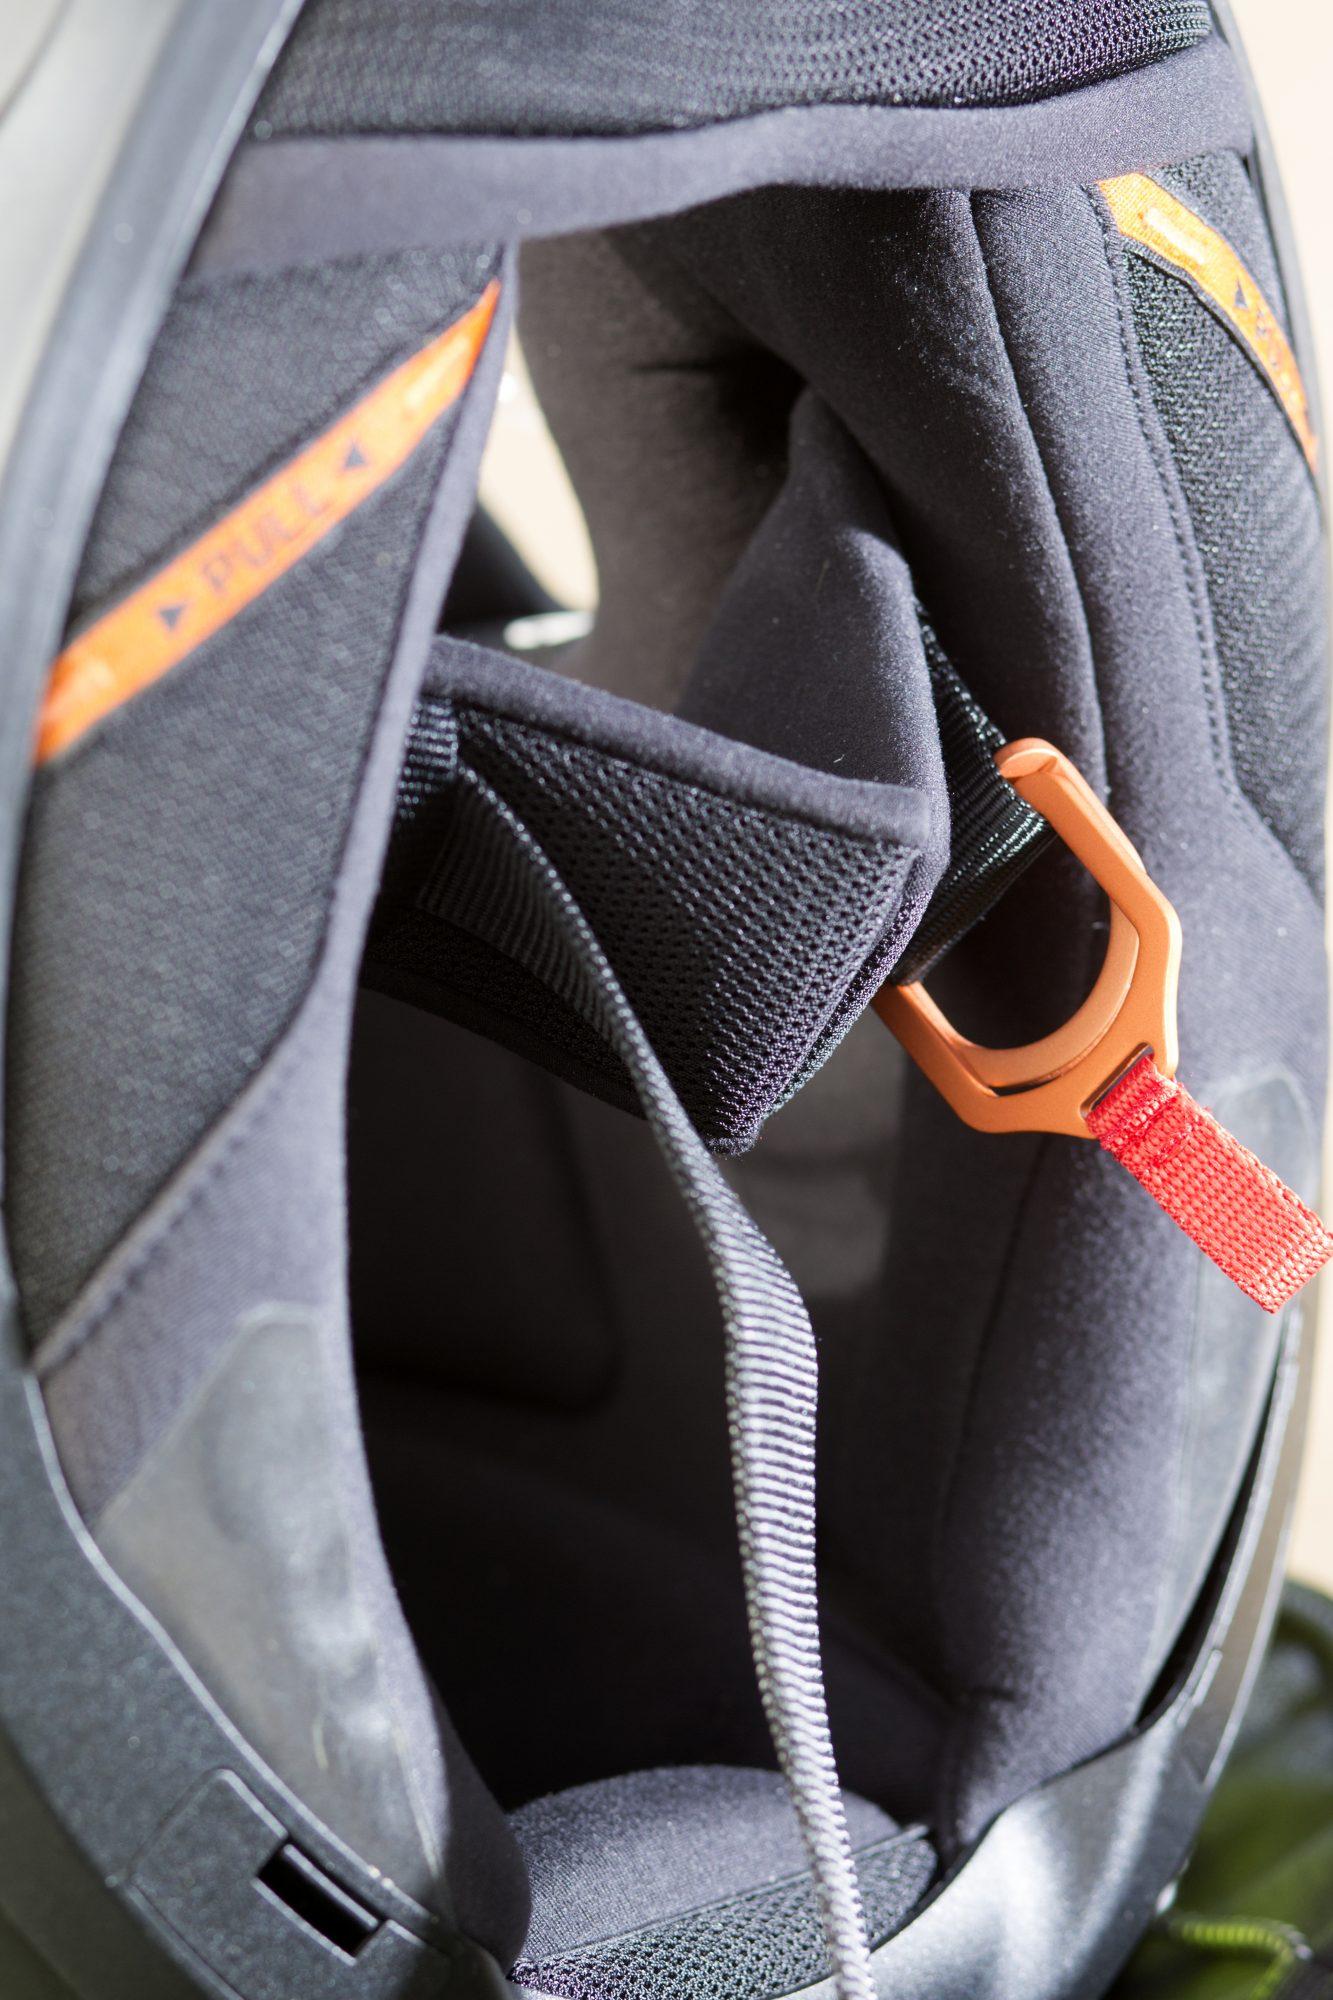 Pièces orange fluo sur le casque Schuberth R2